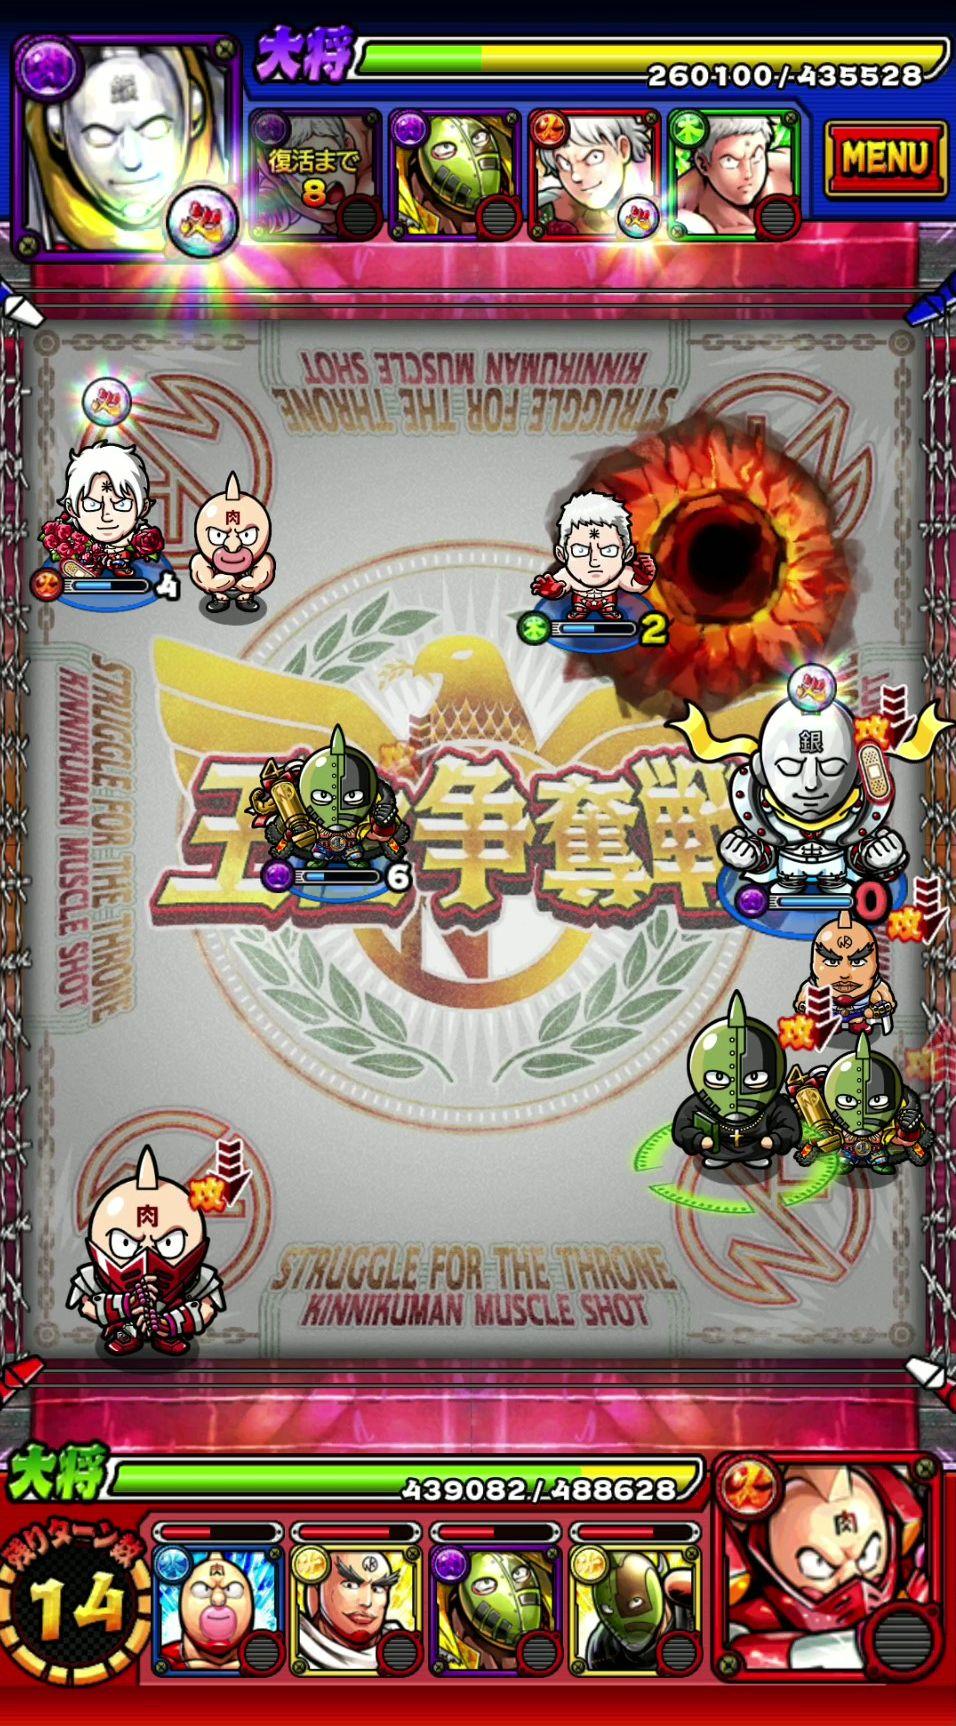 マッスルショット【攻略】: 「王位争奪戦」正式版で戦うコツ【8/16更新】